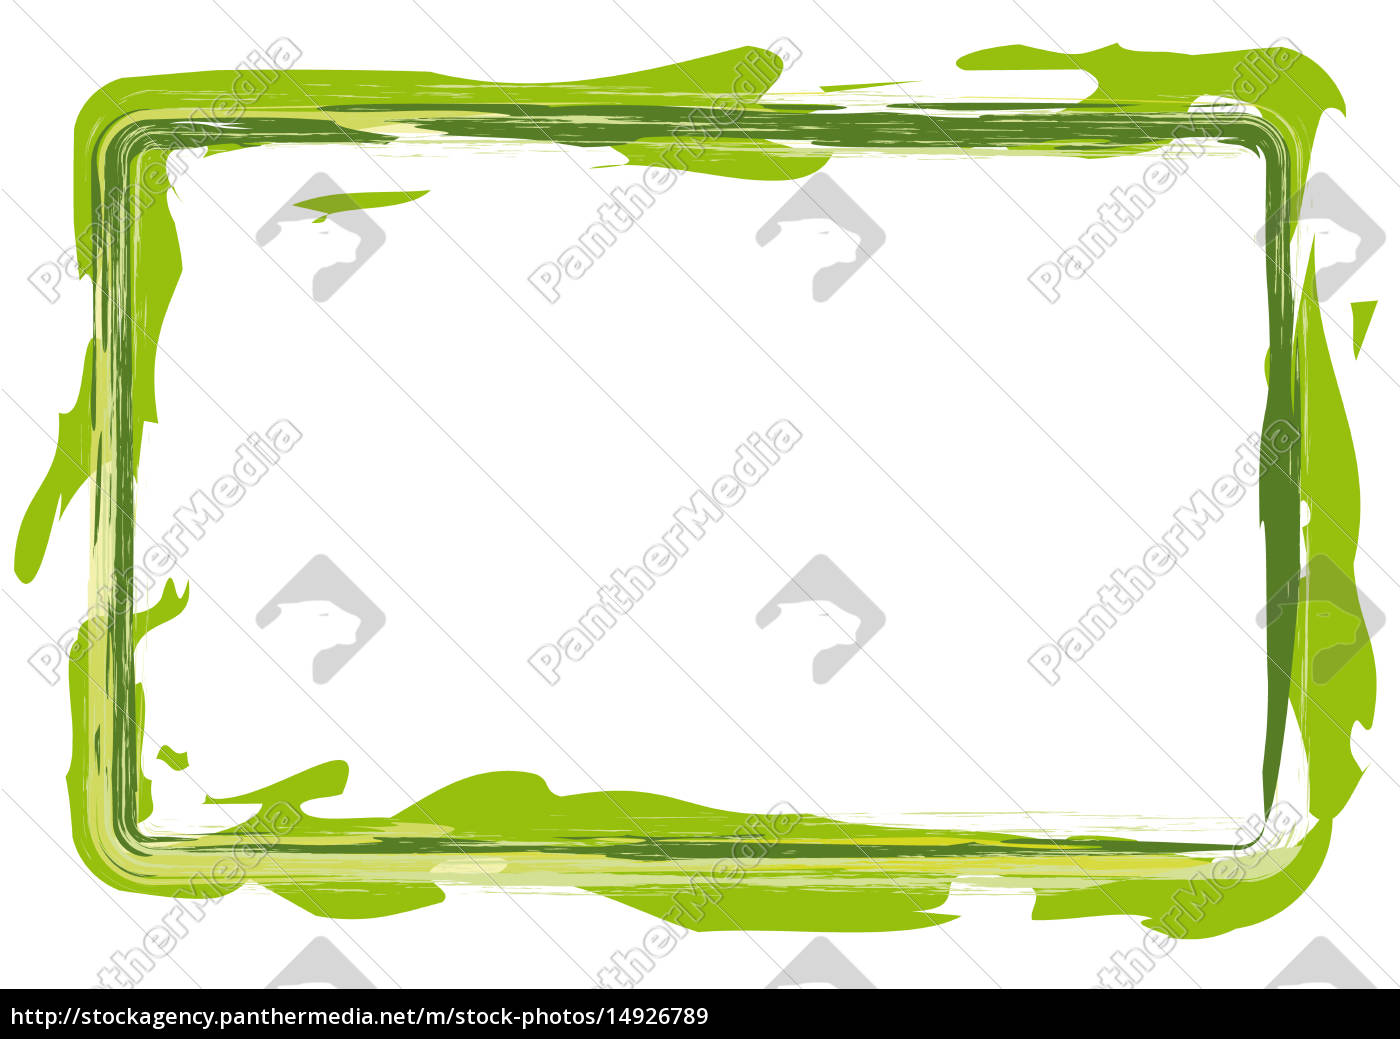 Rahmen gemalt - Lizenzfreies Bild - #14926789 - Bildagentur PantherMedia